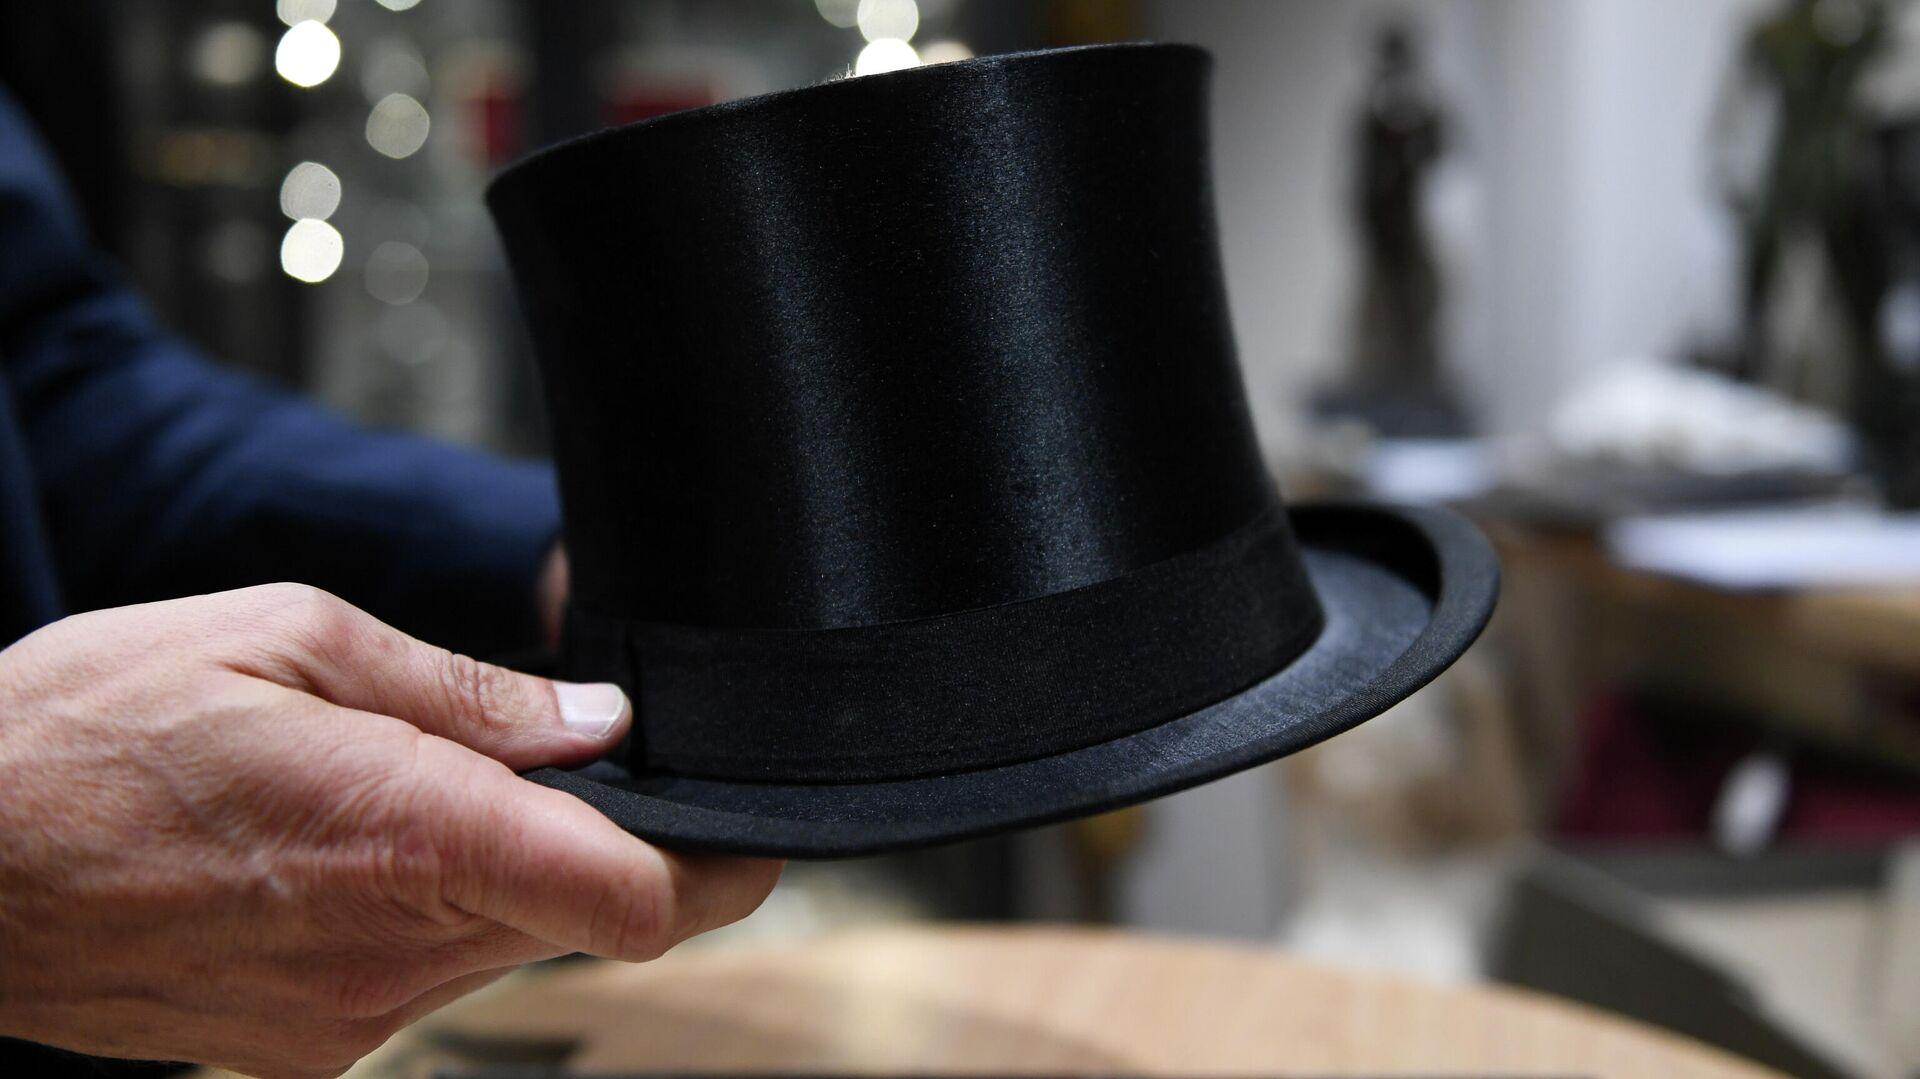 Шляпа Адольфа Гитлера на аукционе в Мюнхене, Германия. 20 ноября 2019 - РИА Новости, 1920, 25.11.2019